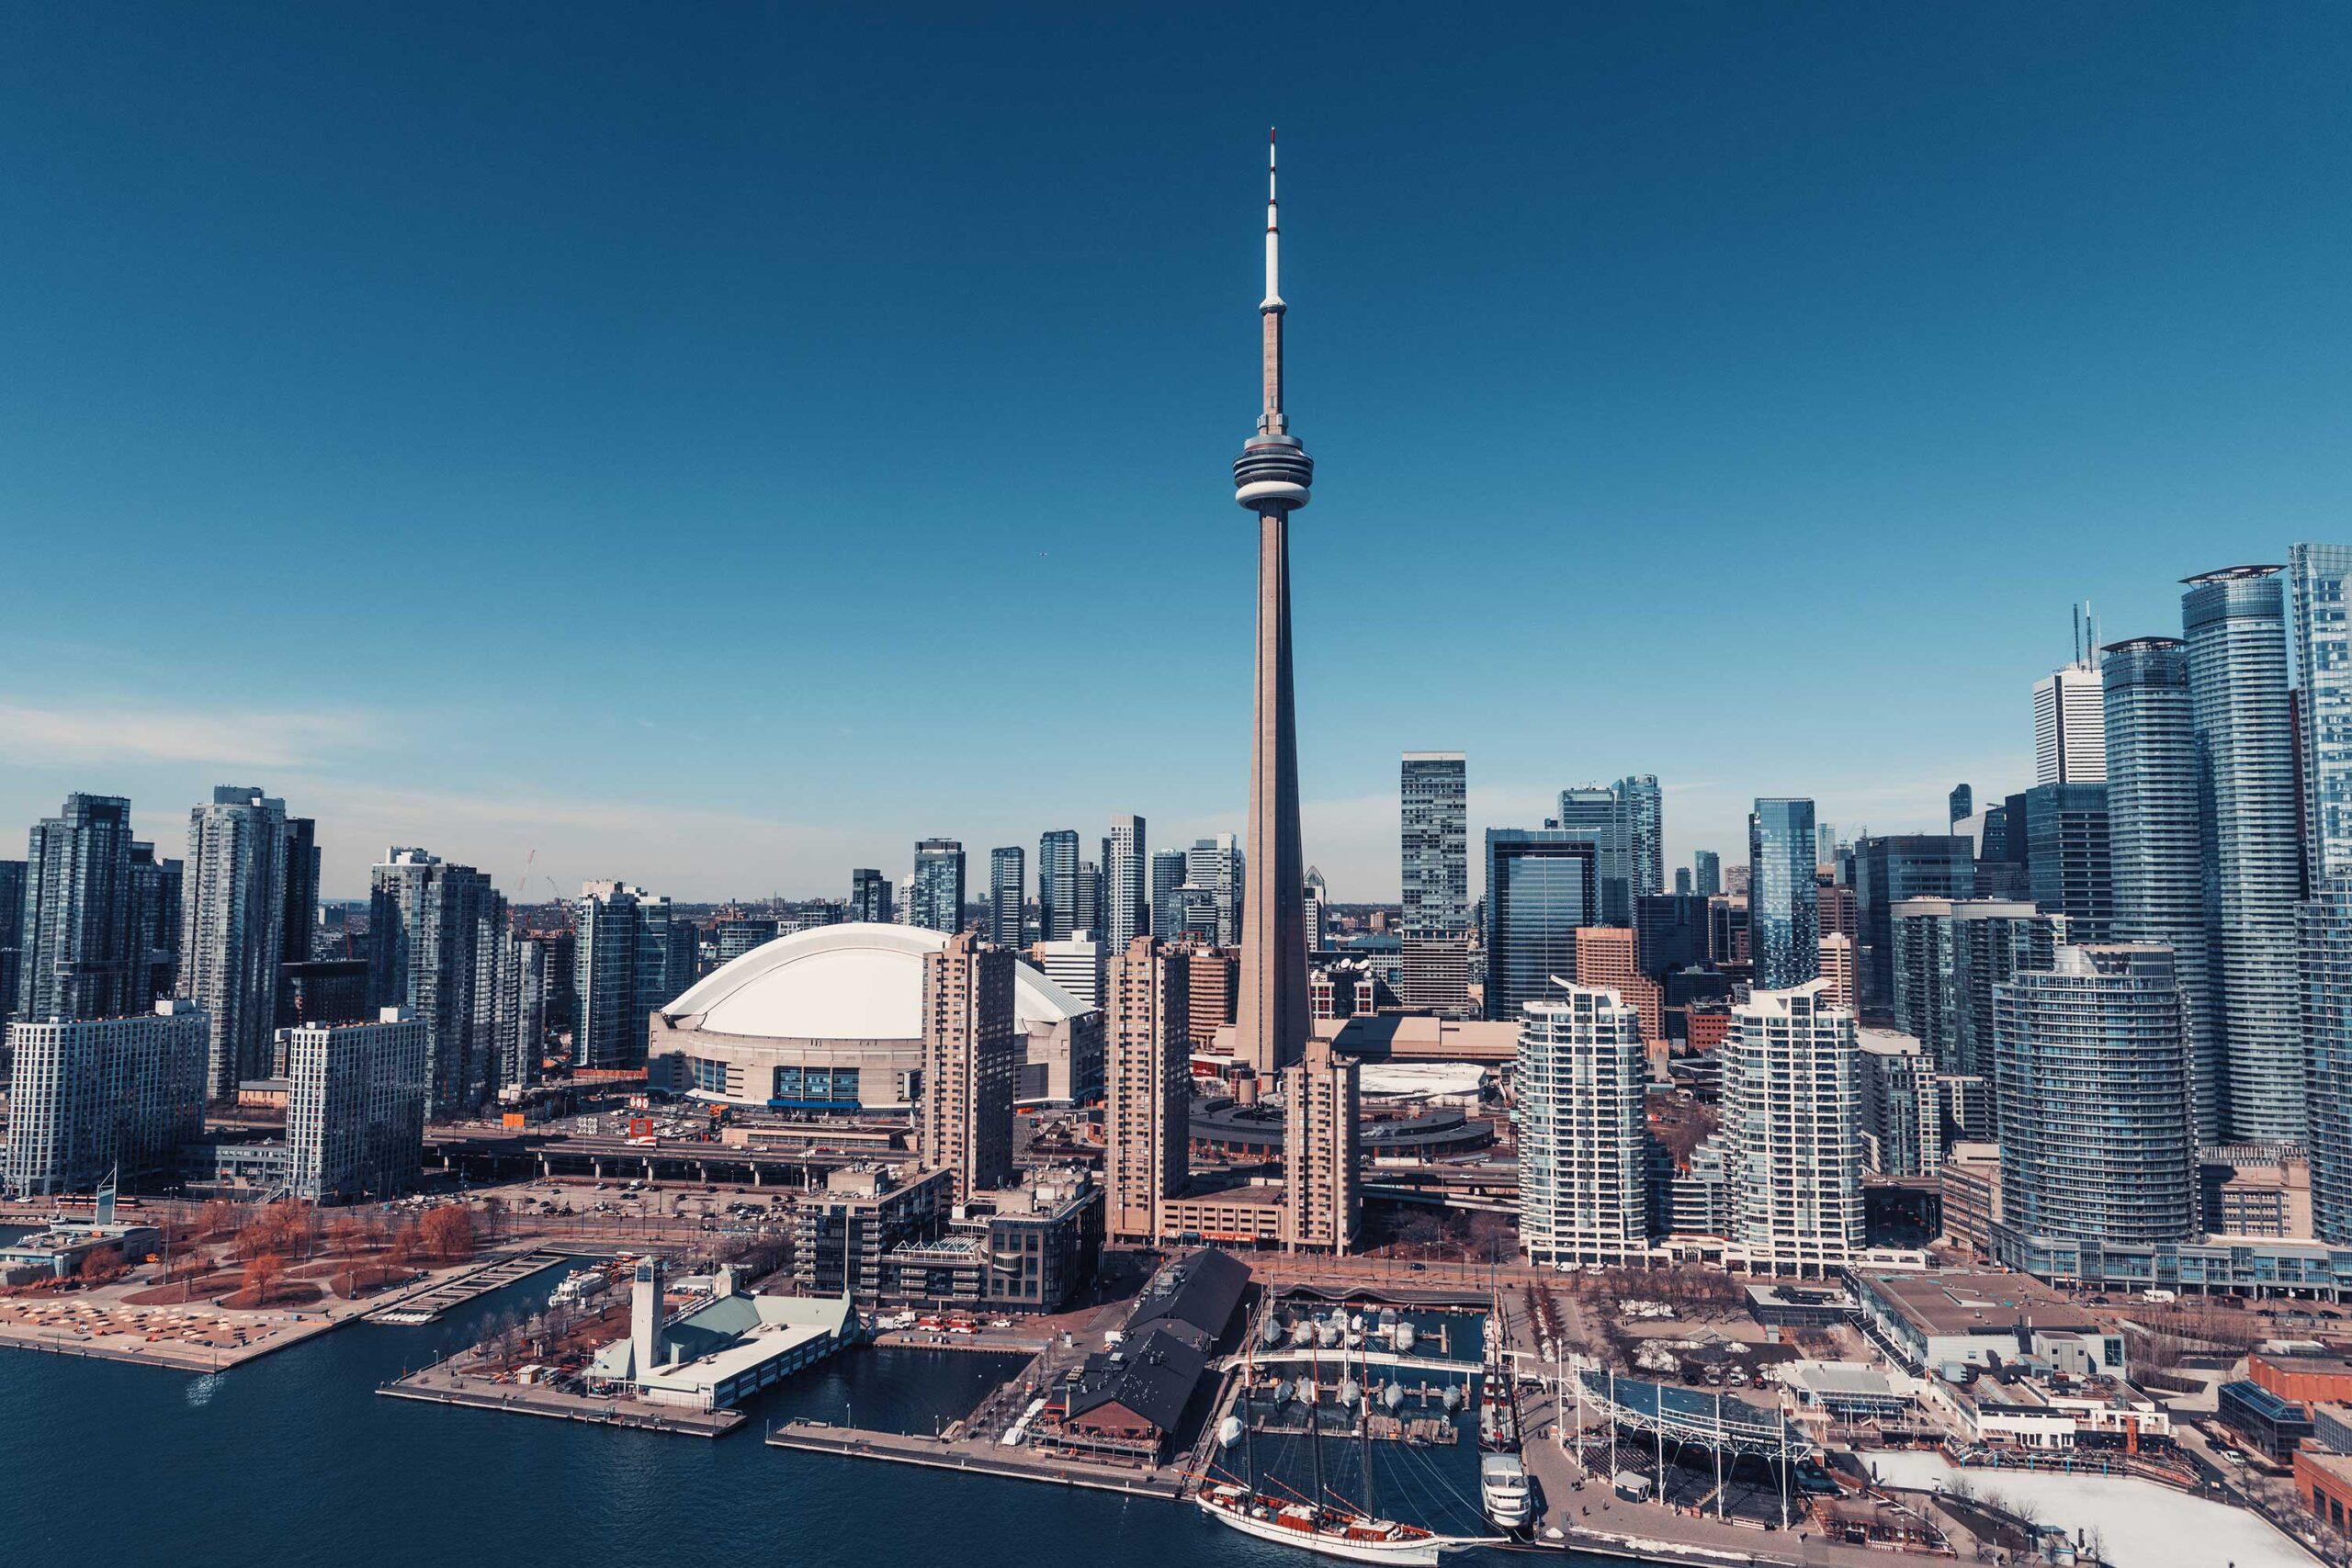 Toronto Skyline Aerial View Canada